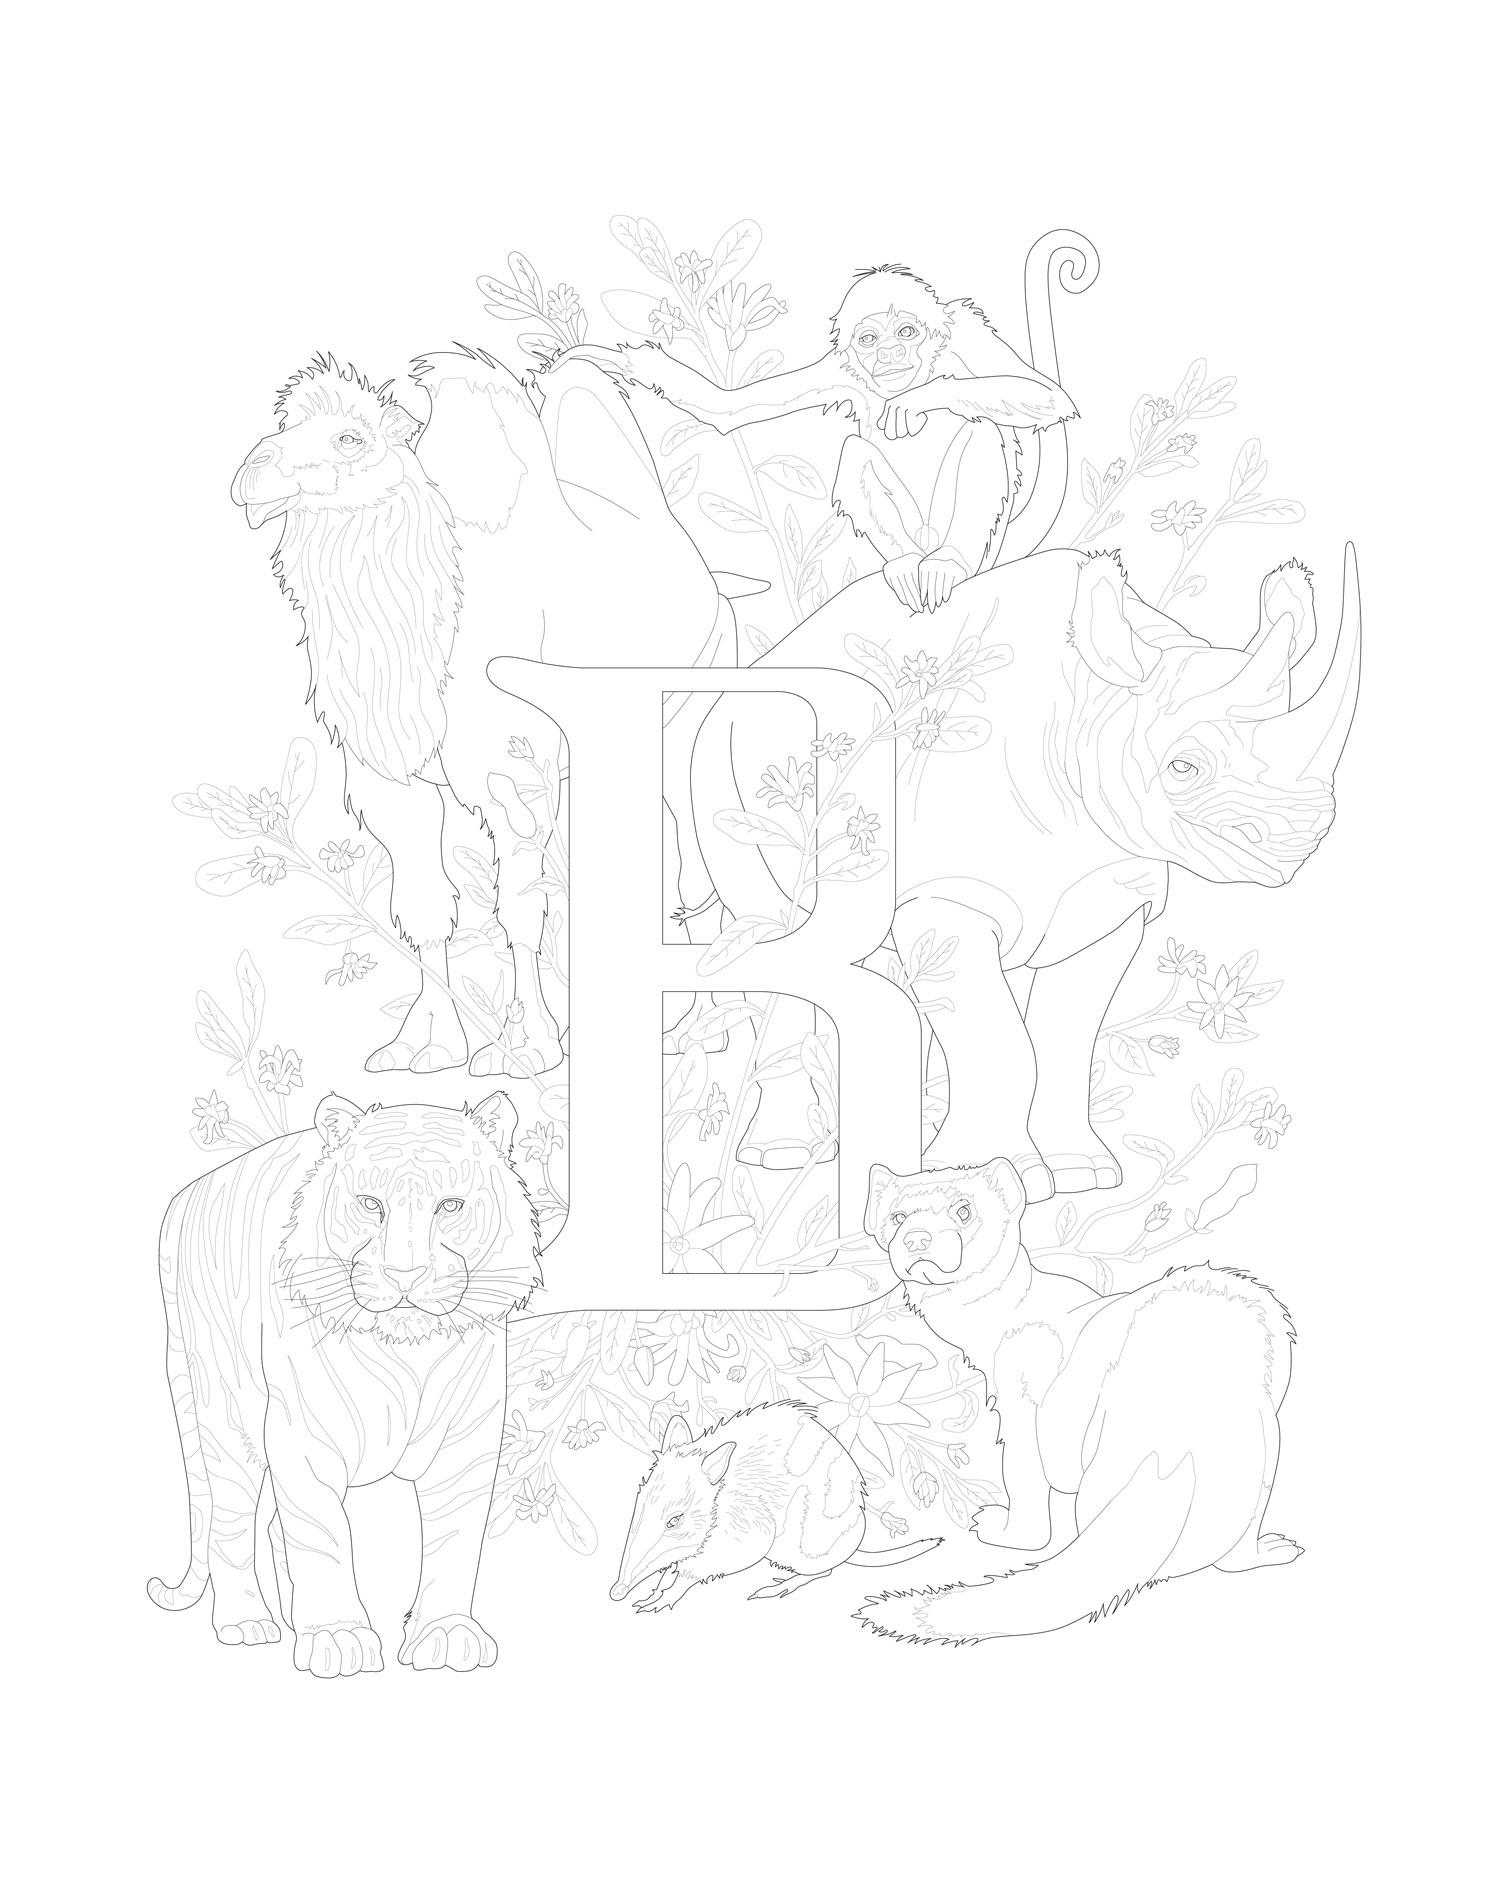 E is for Endangered, Letter B